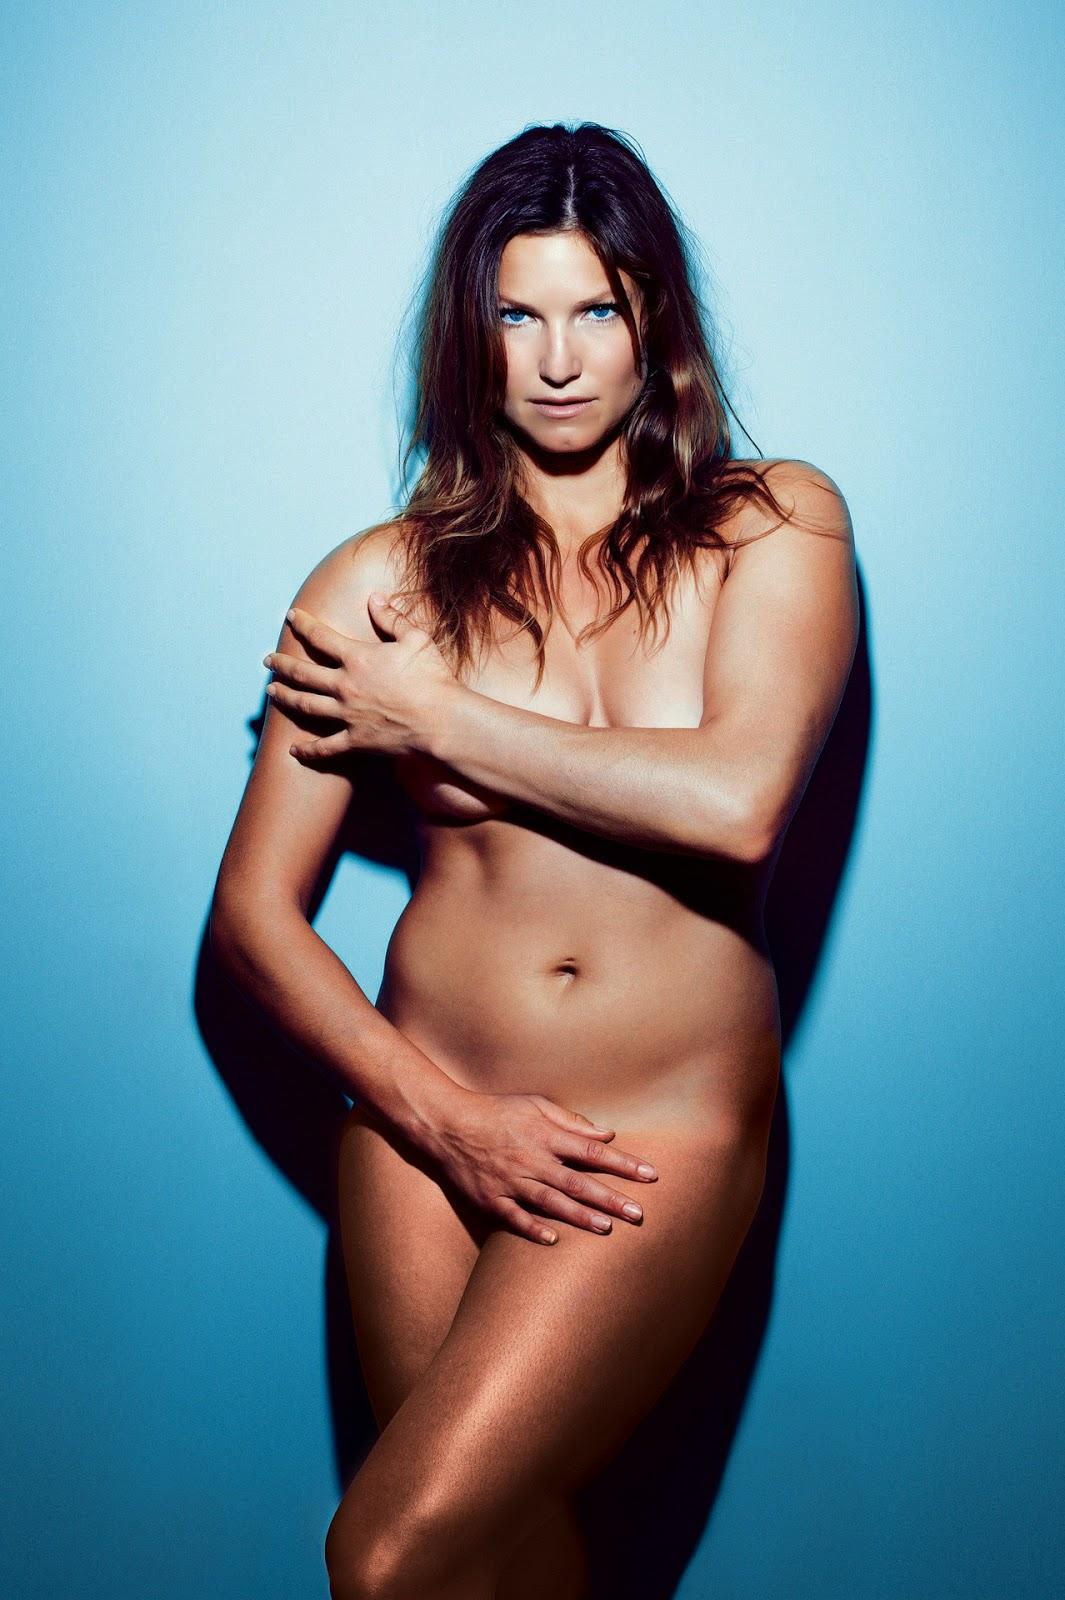 Female Athletes Nude Pics 104